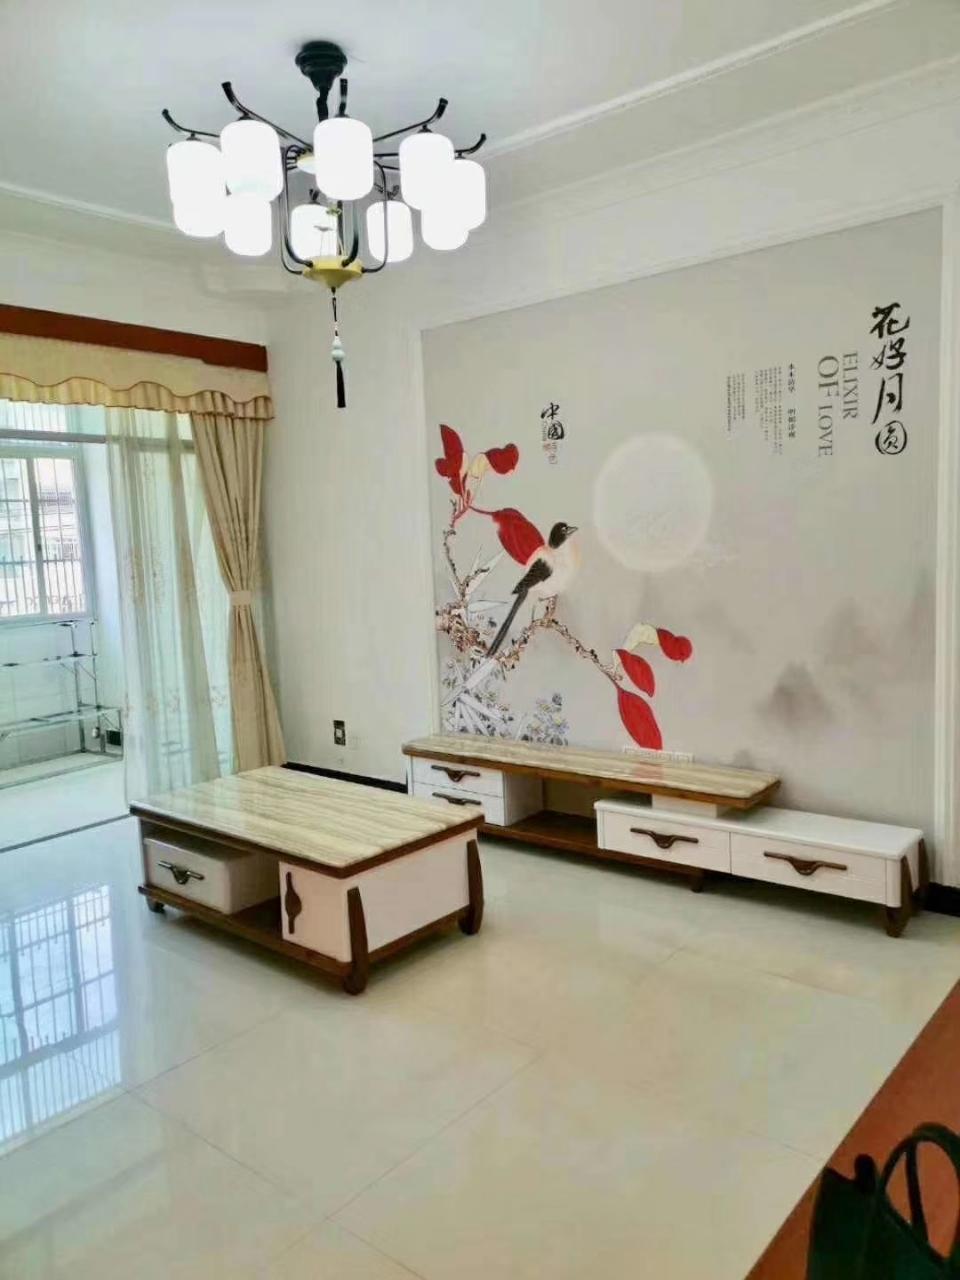 福麒山庄附近三方两厅两卫带杂间中间楼层